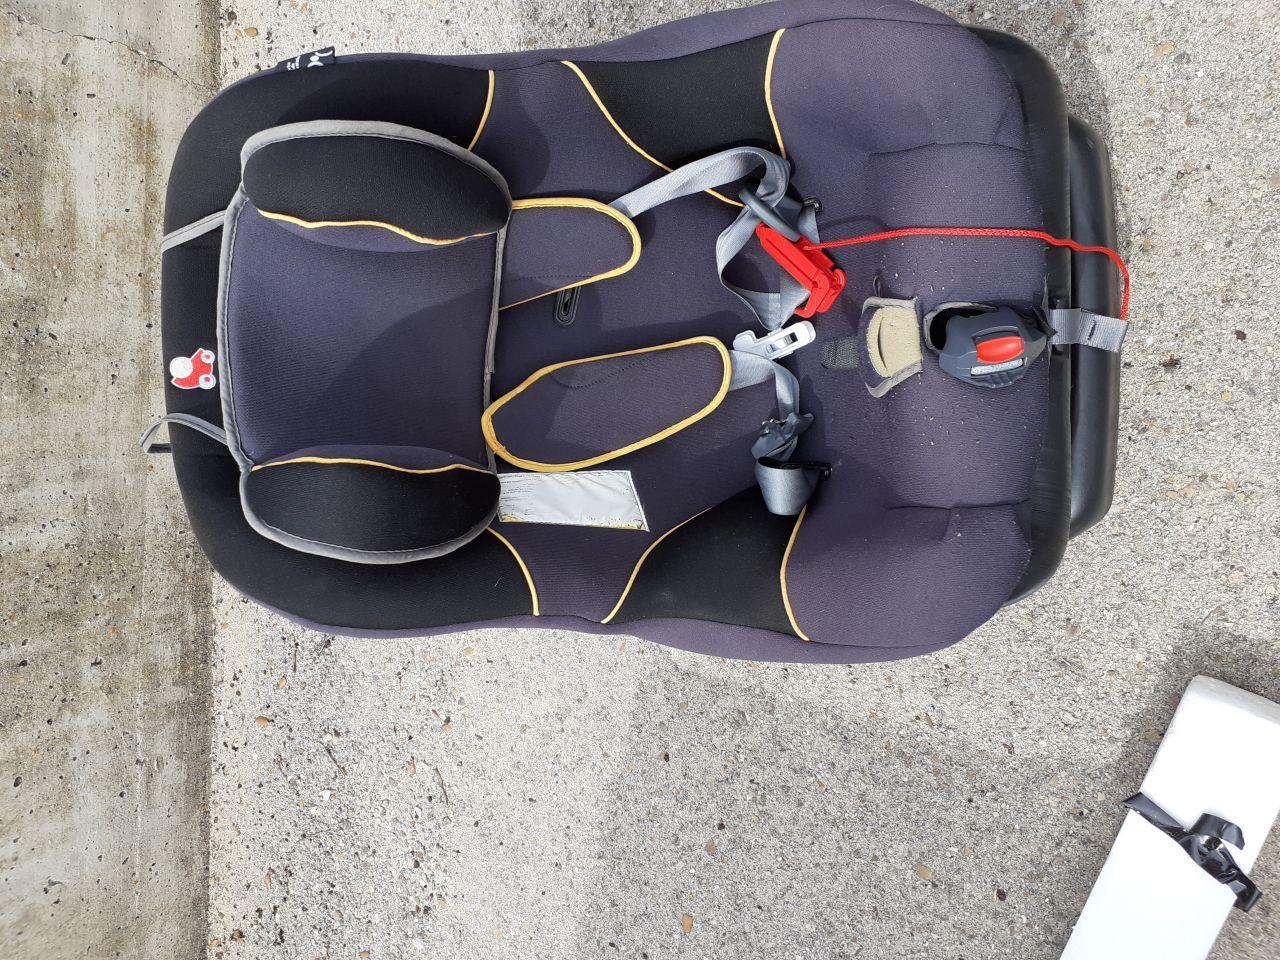 se vende silla infantil para coche, grupo 0-1 de 0 a 18 kgs. de peso, muy comoda ya que es totalmente giratoria y respecto a las posiciones es de acotado a sentado normal, esta casi nueva tfno 630169189